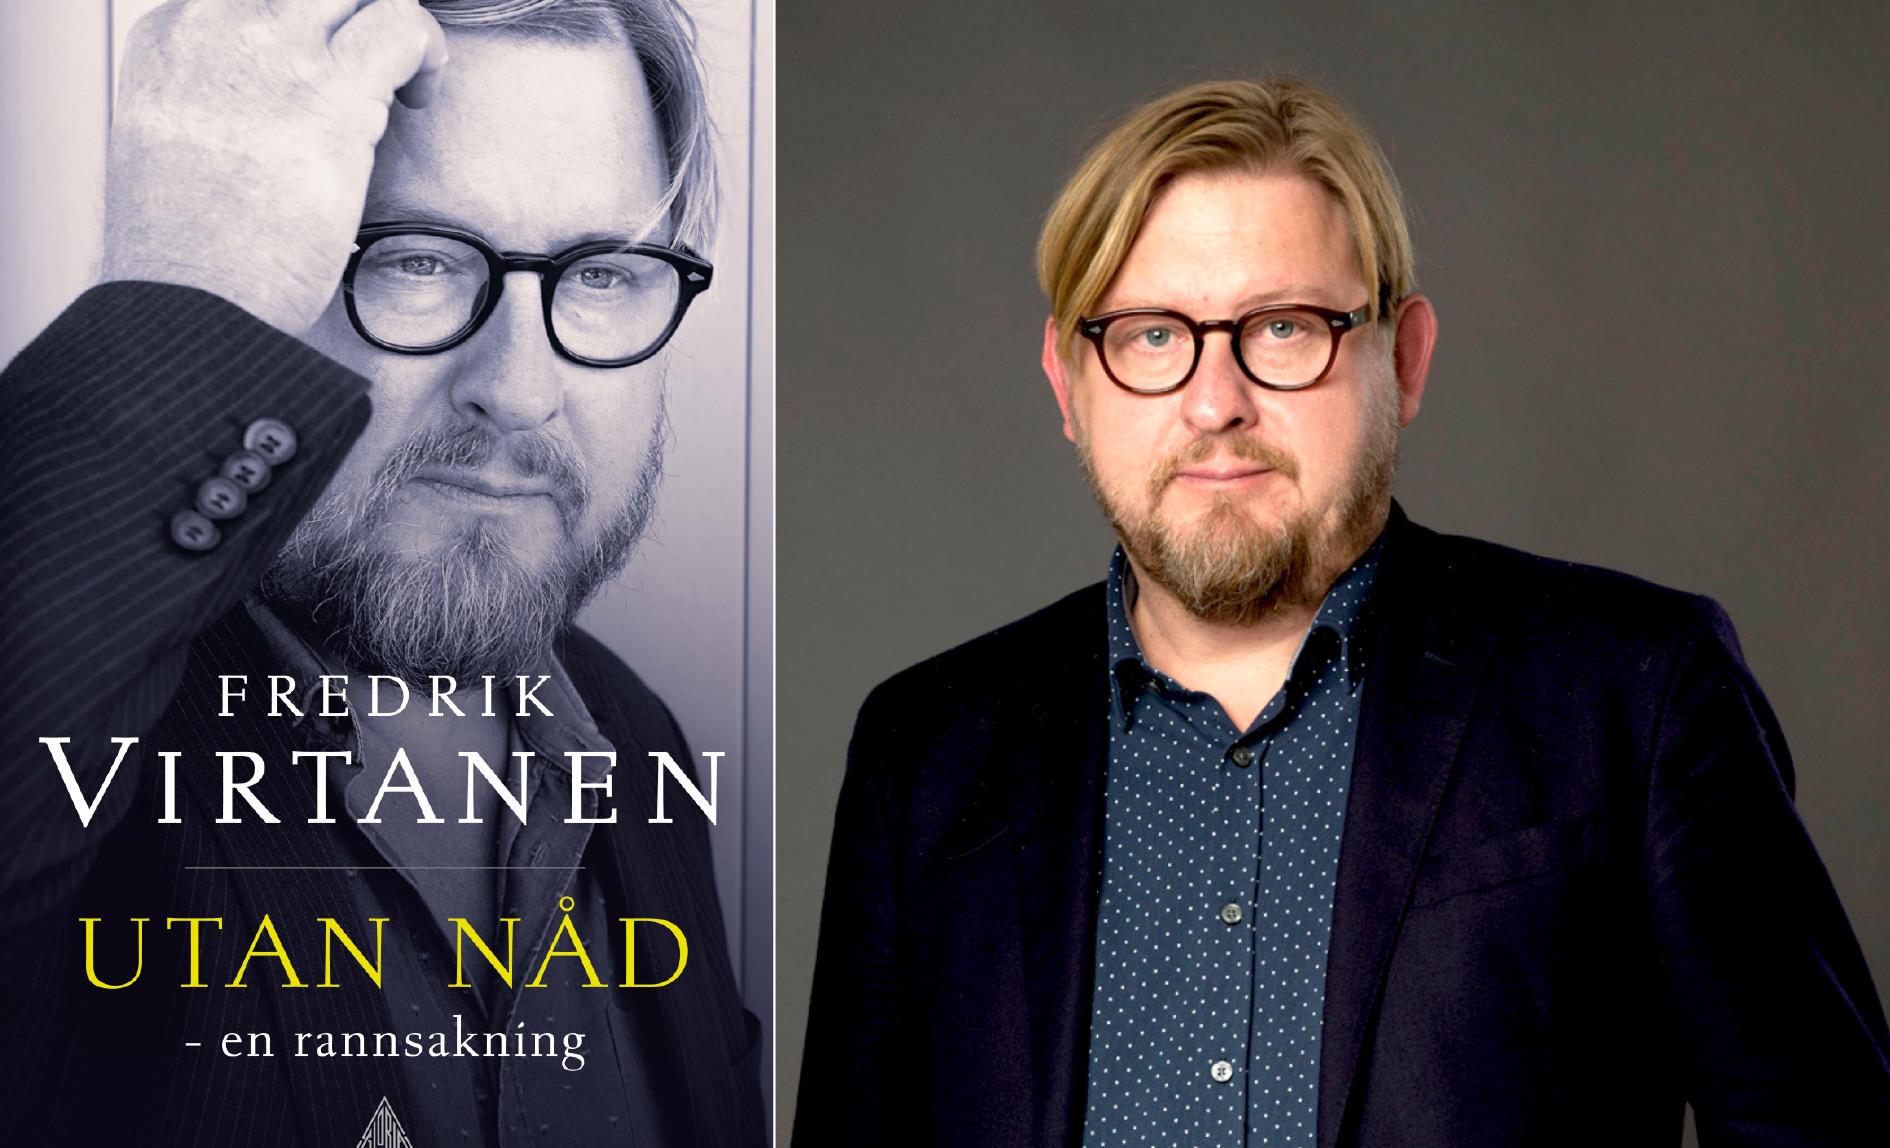 fredrik virtanen bok